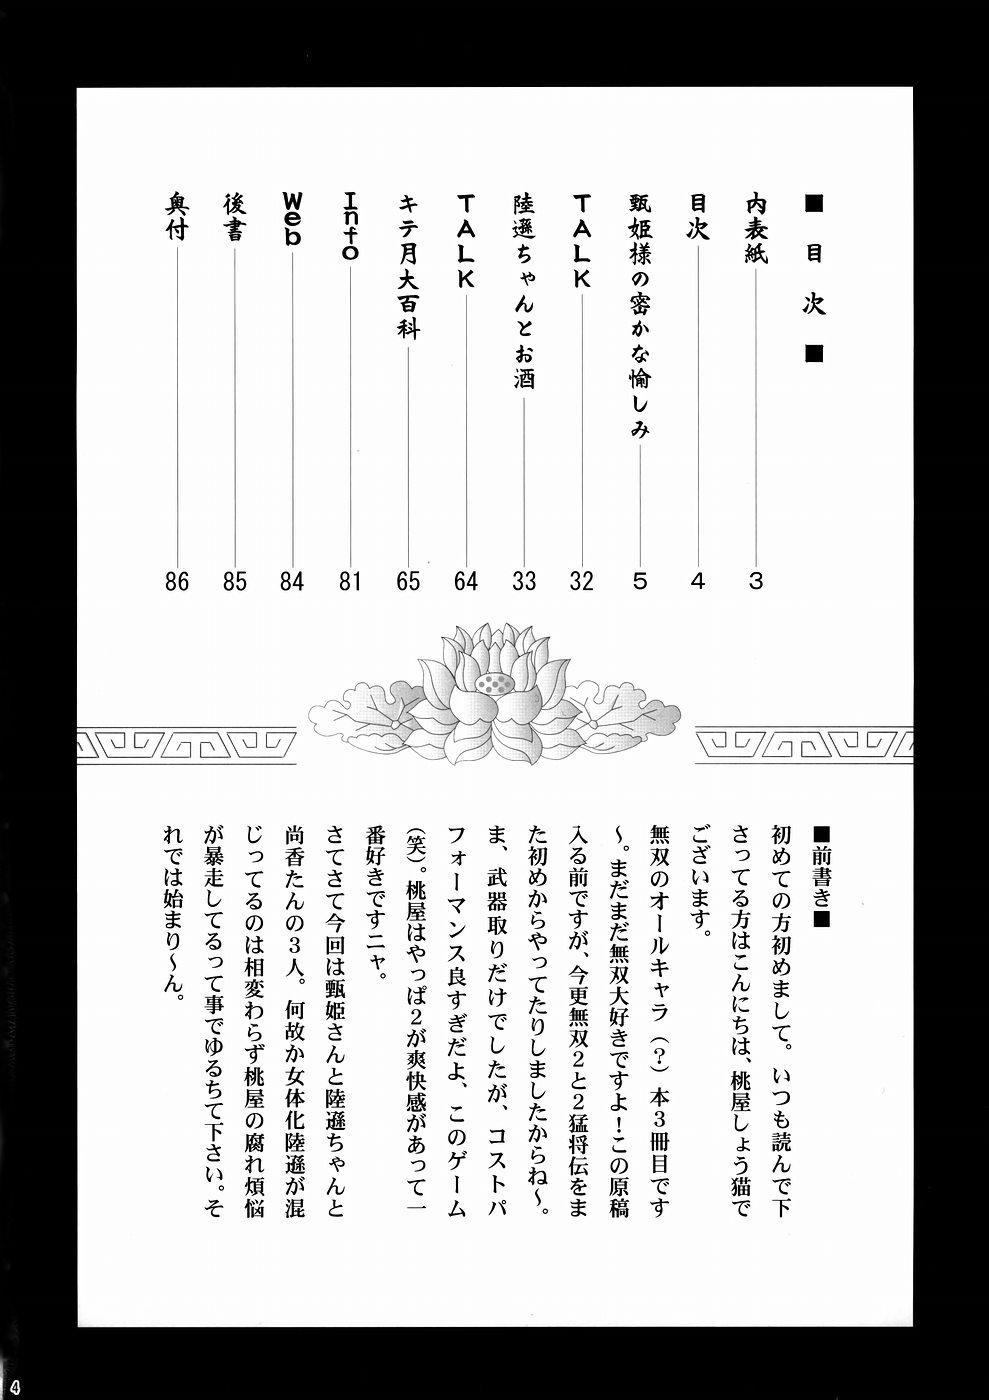 In Sangoku Musou 3 2